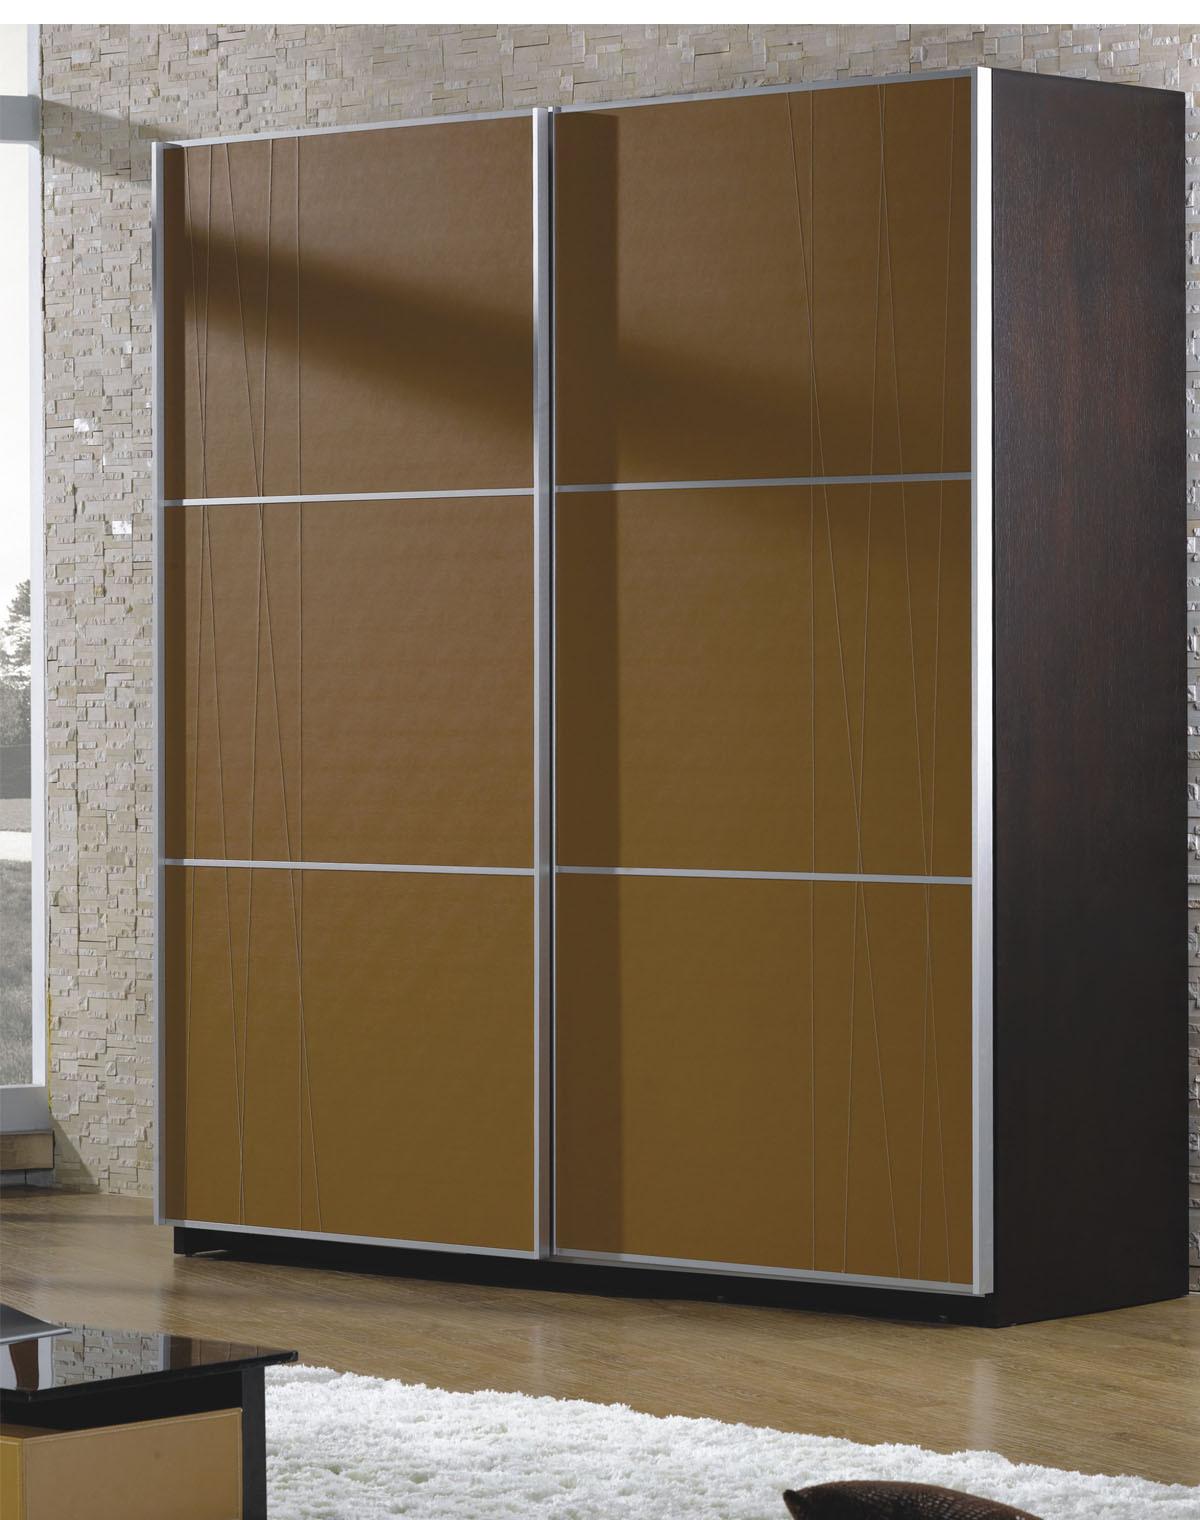 趟门衣柜F080-4/W2000 D616 H2100F080-4